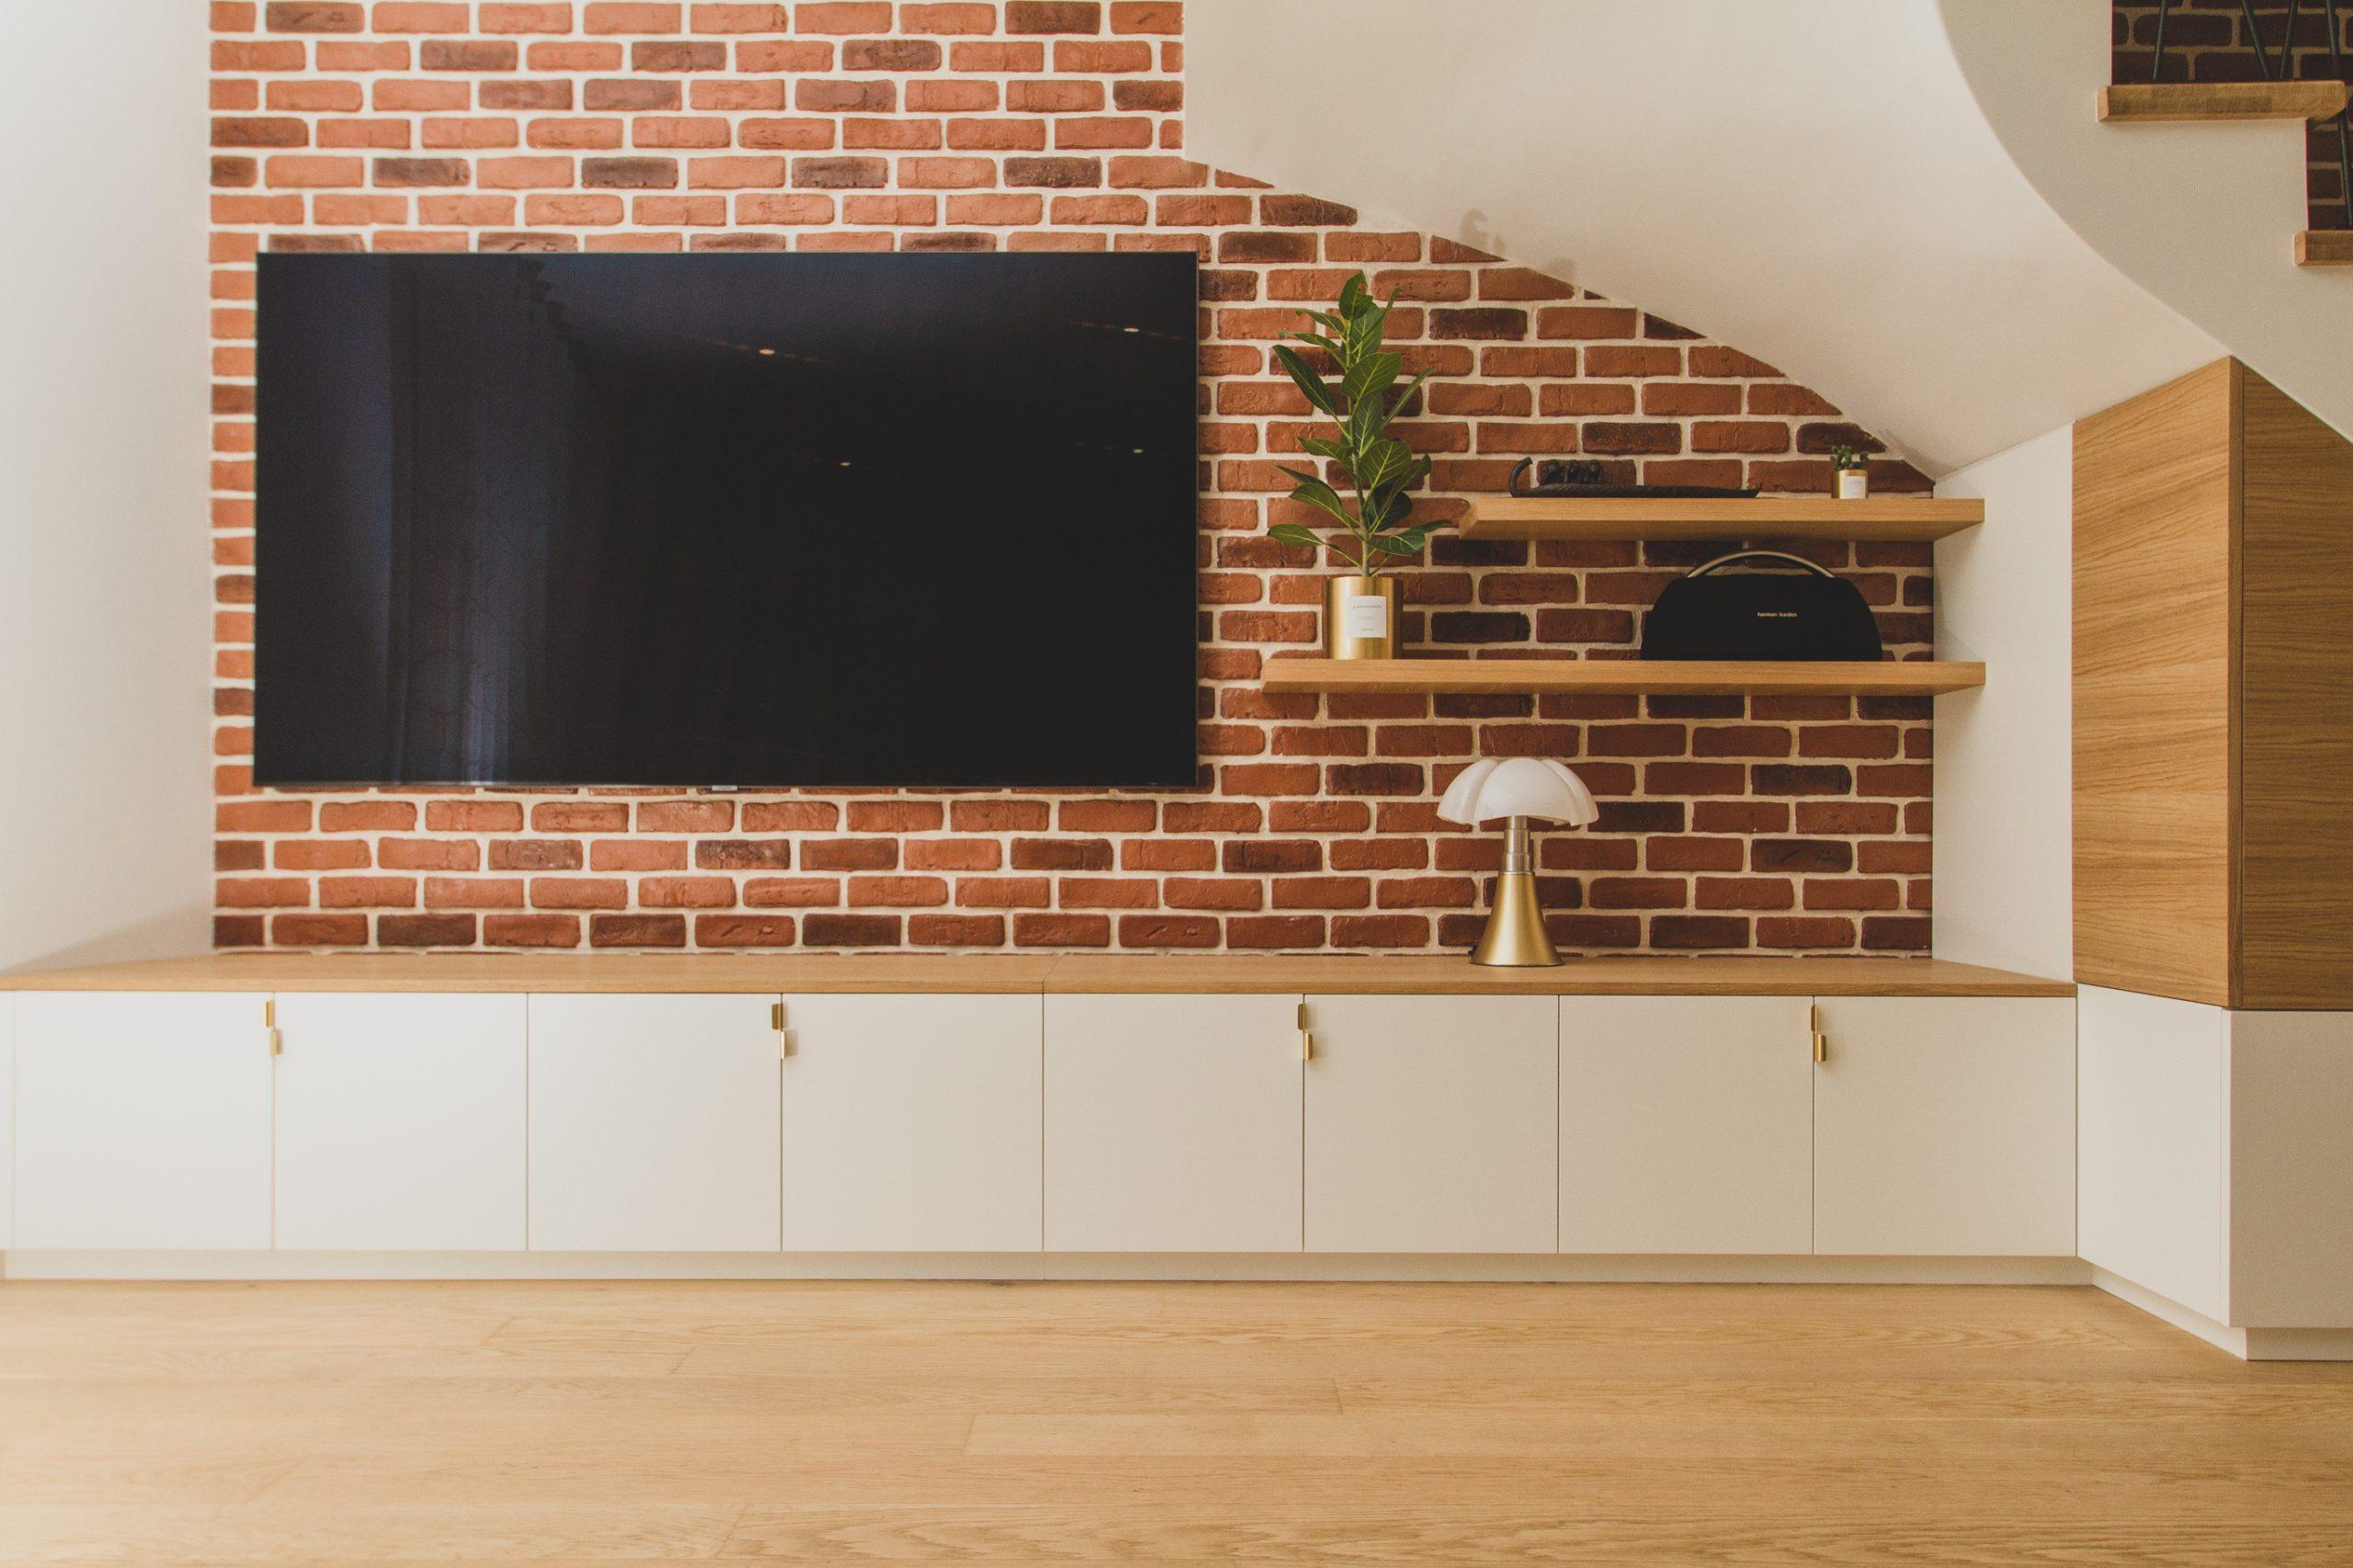 MeubleTV-placards-sousescalier